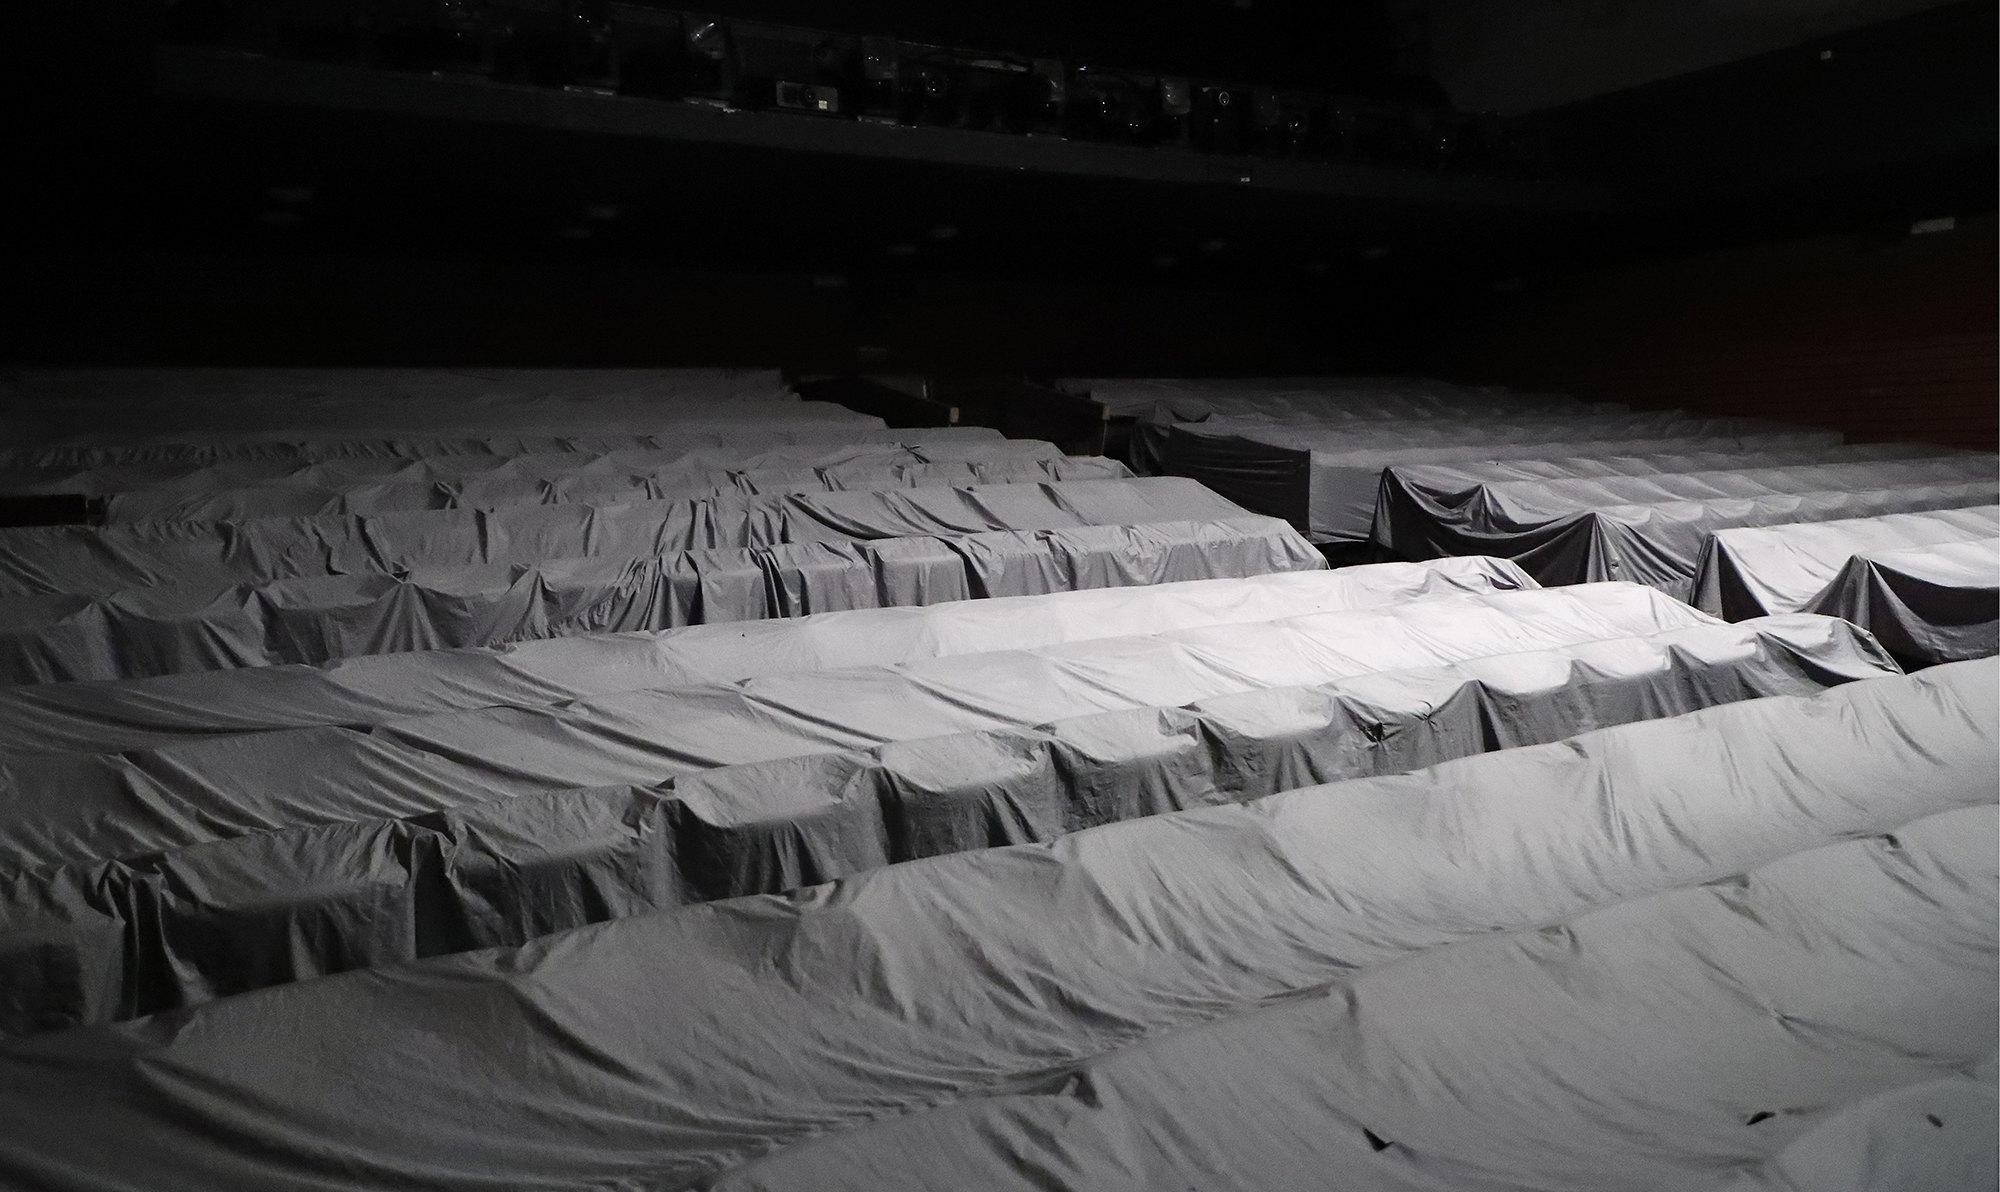 Пустой зал вТеатре наТаганке. Театр будет закрыт длязрителей впериод с17 марта по10 апреля 2020 года всвязи спандемией коронавируса COVID-19. КРЕДИТ